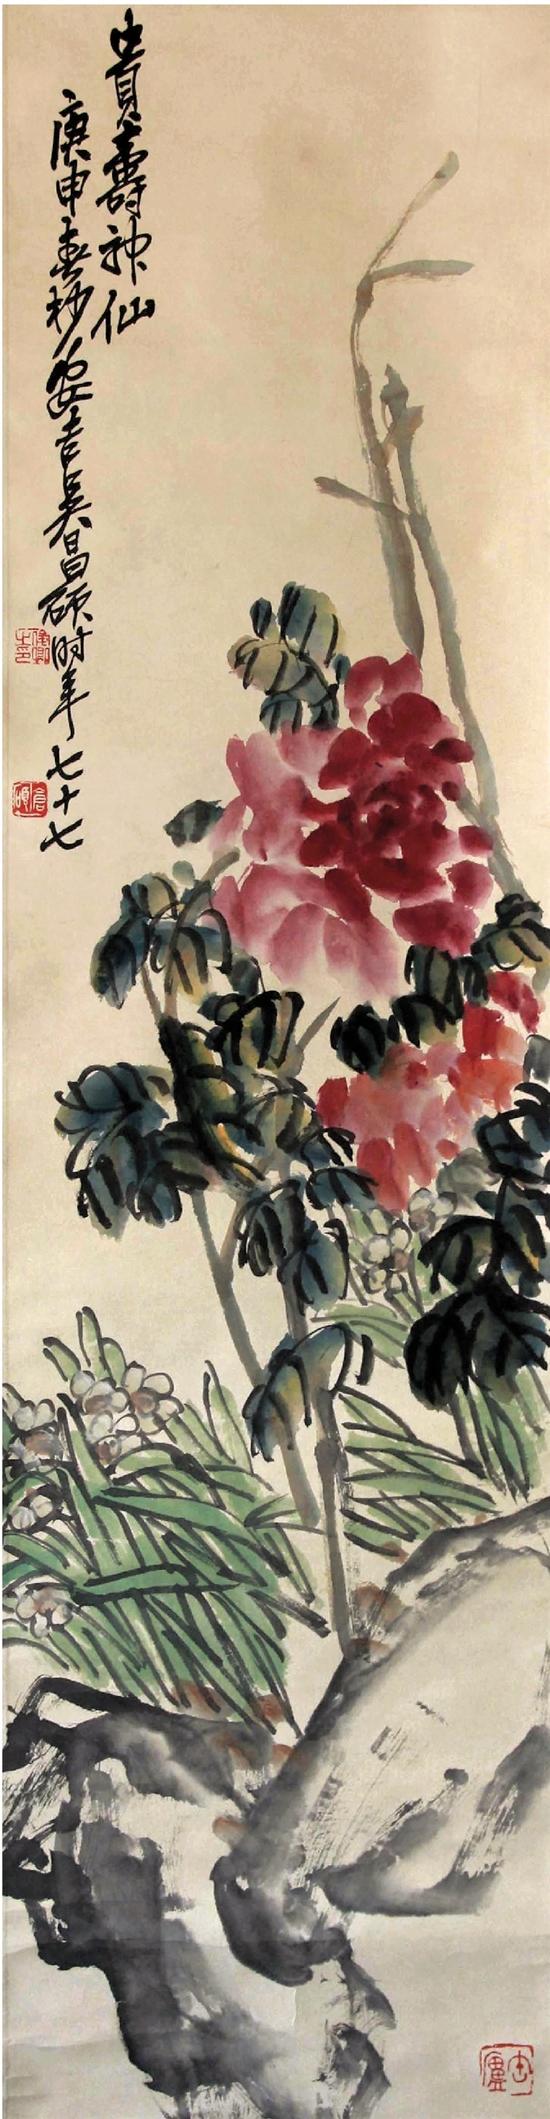 吴昌硕 贵寿神仙图 128×34cm